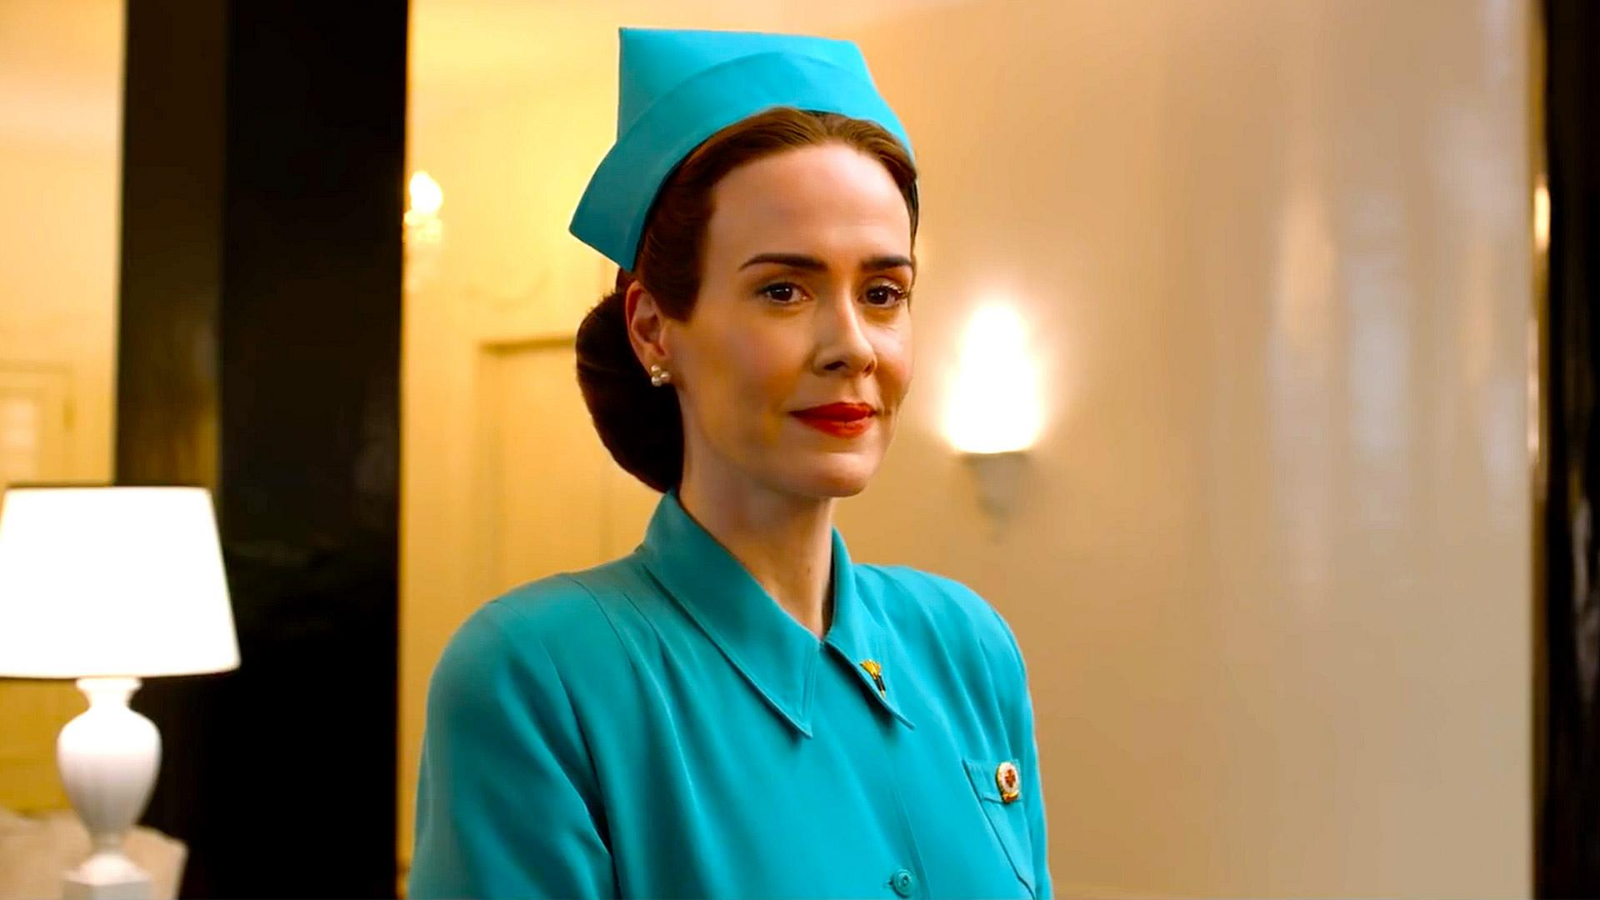 Ryan Murphy regresa al streaming con la historia de la enfermera de un centro psiquiátrico, Mildred Ratched